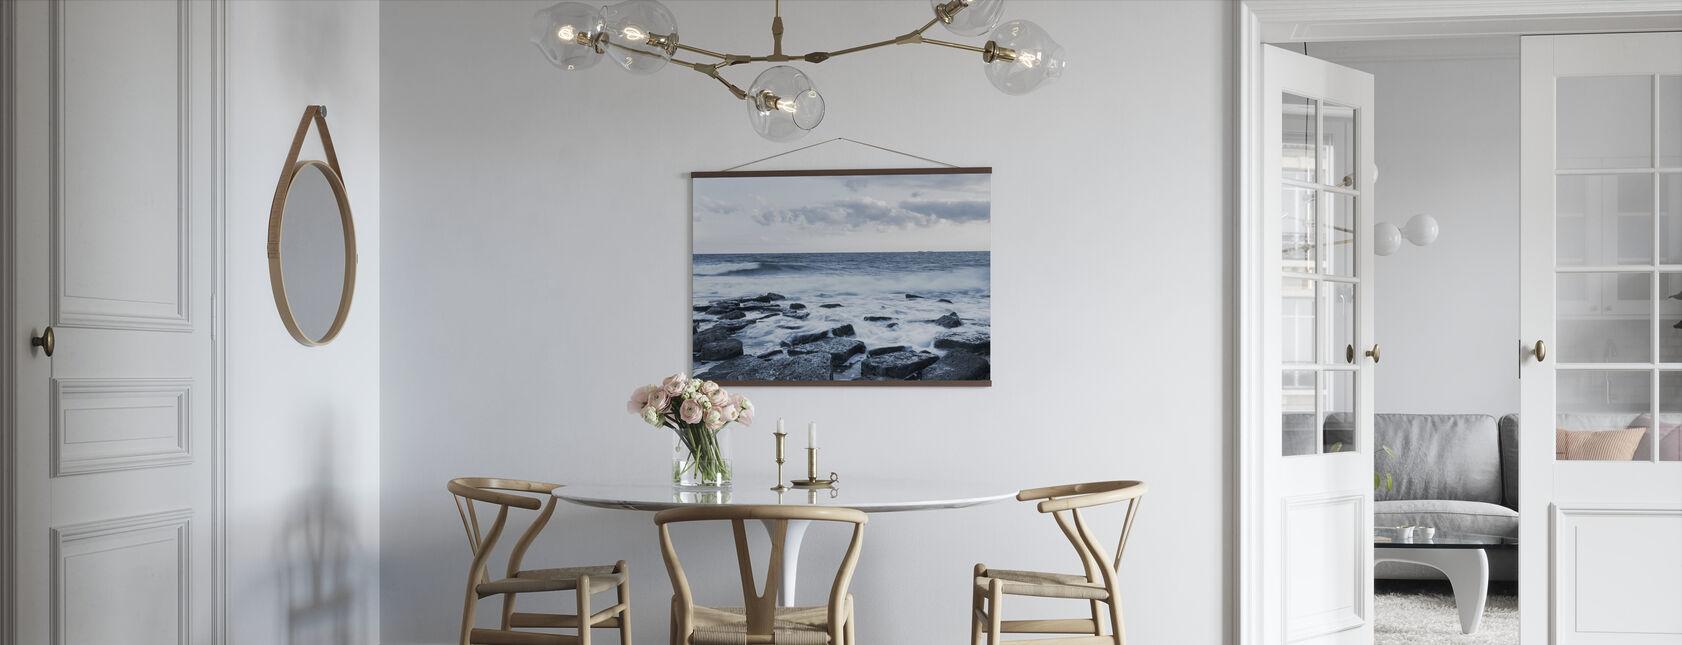 Merimaisemat - Juliste - Keittiö